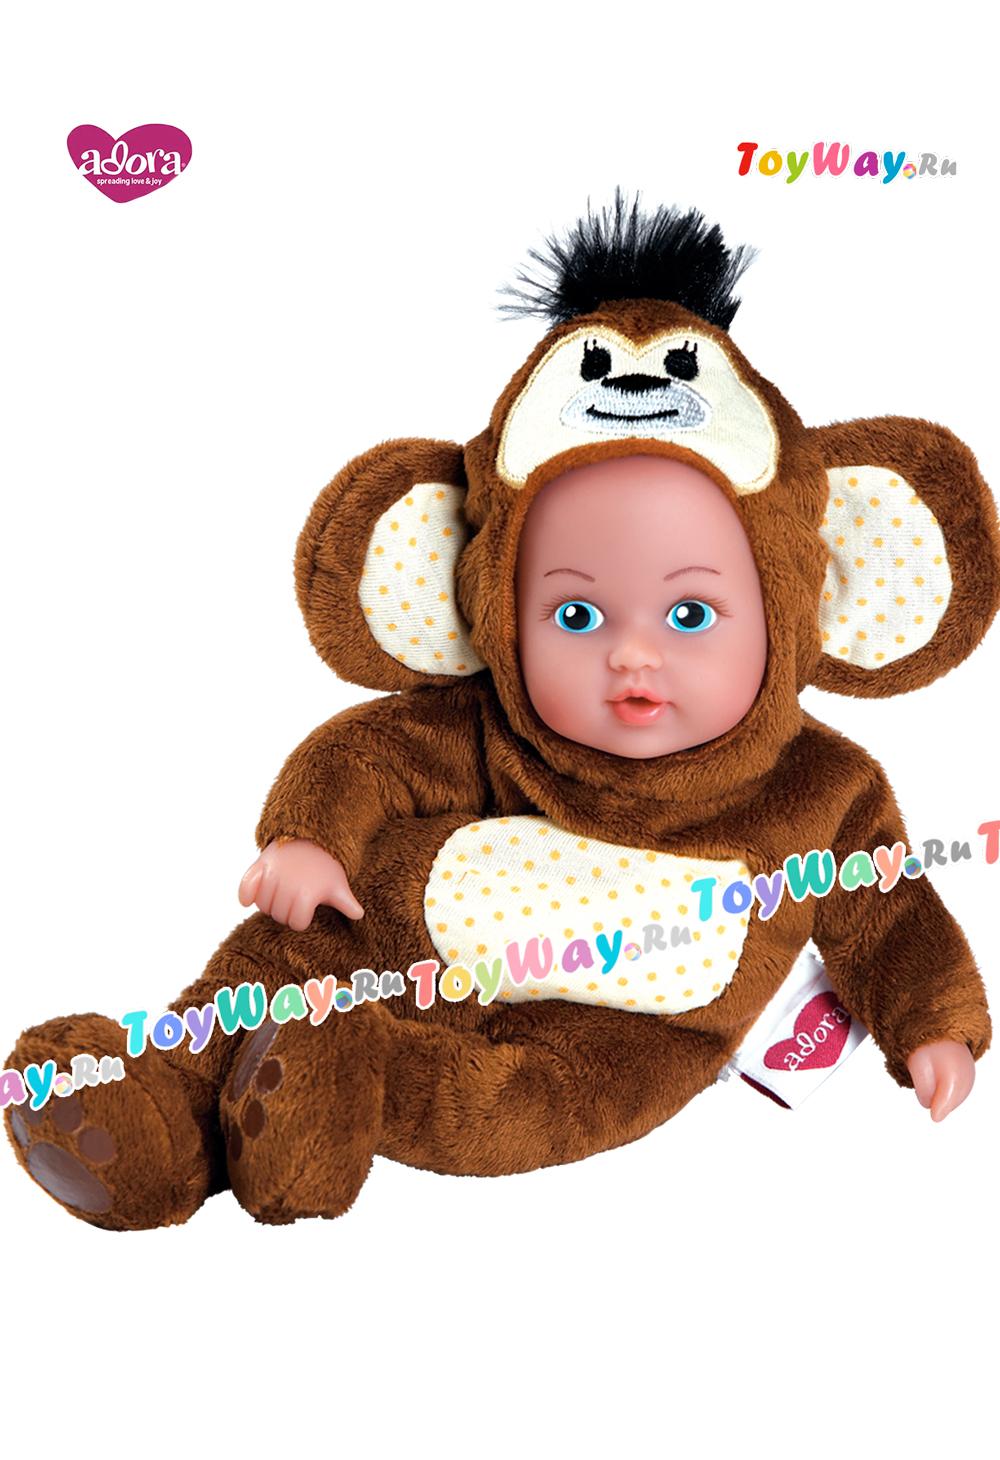 Кукла - Обезьянка, 20 смКуклы Адора<br>Кукла - Обезьянка, 20 см<br>